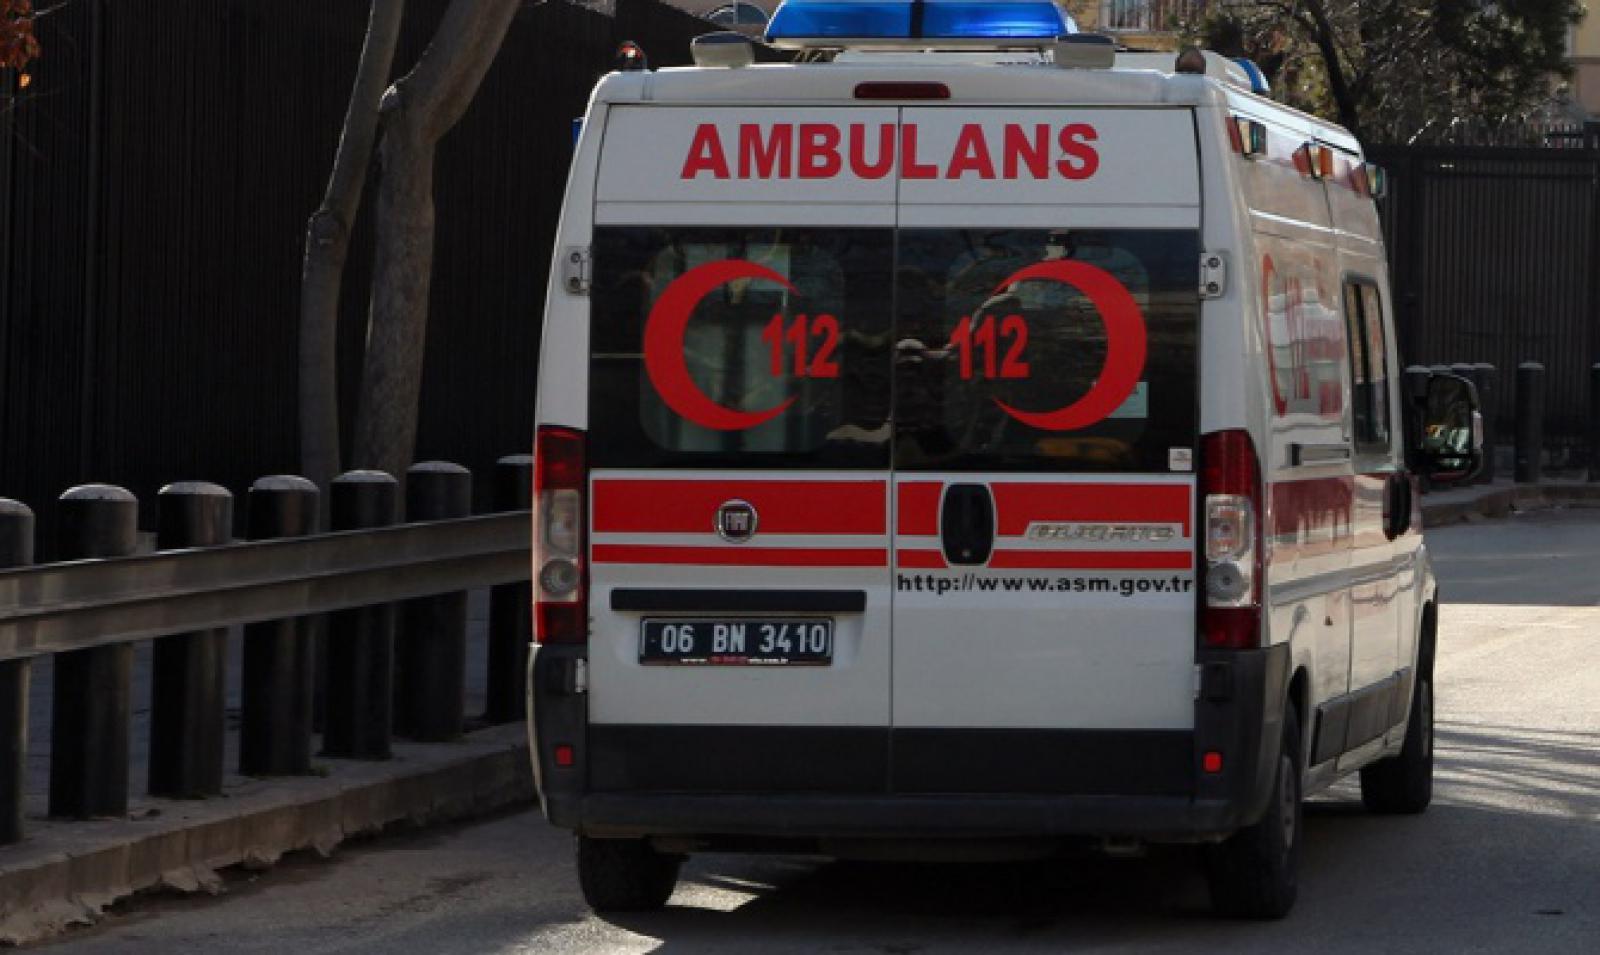 Втурецком Кемере грузовой автомобиль сбил 12-летнюю школьницу из Российской Федерации